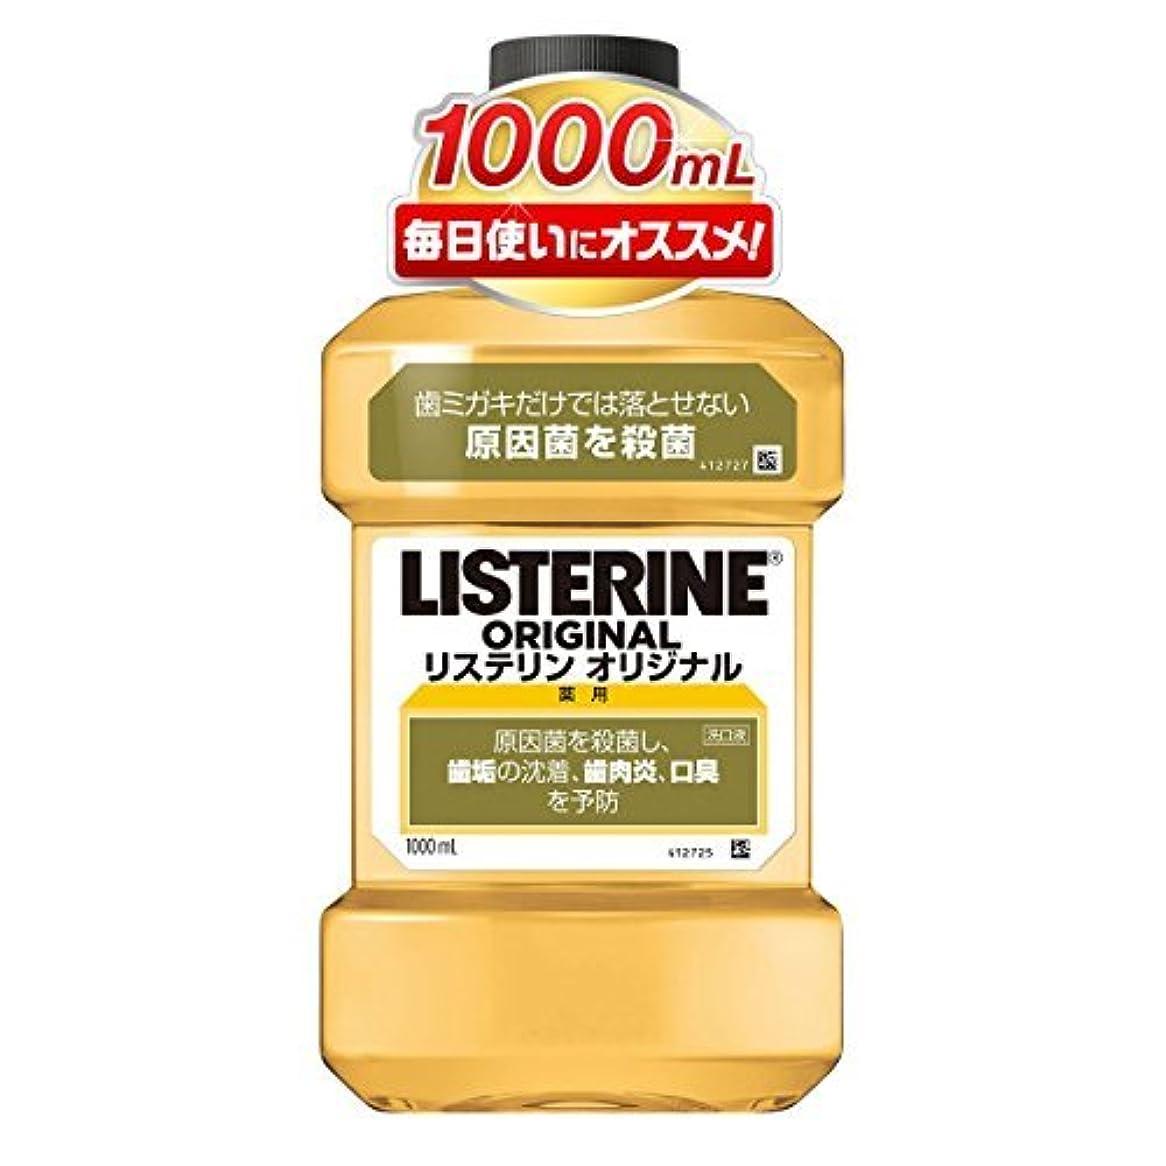 計画的小さいセッション薬用リステリン オリジナル 1000ml ×6個セット